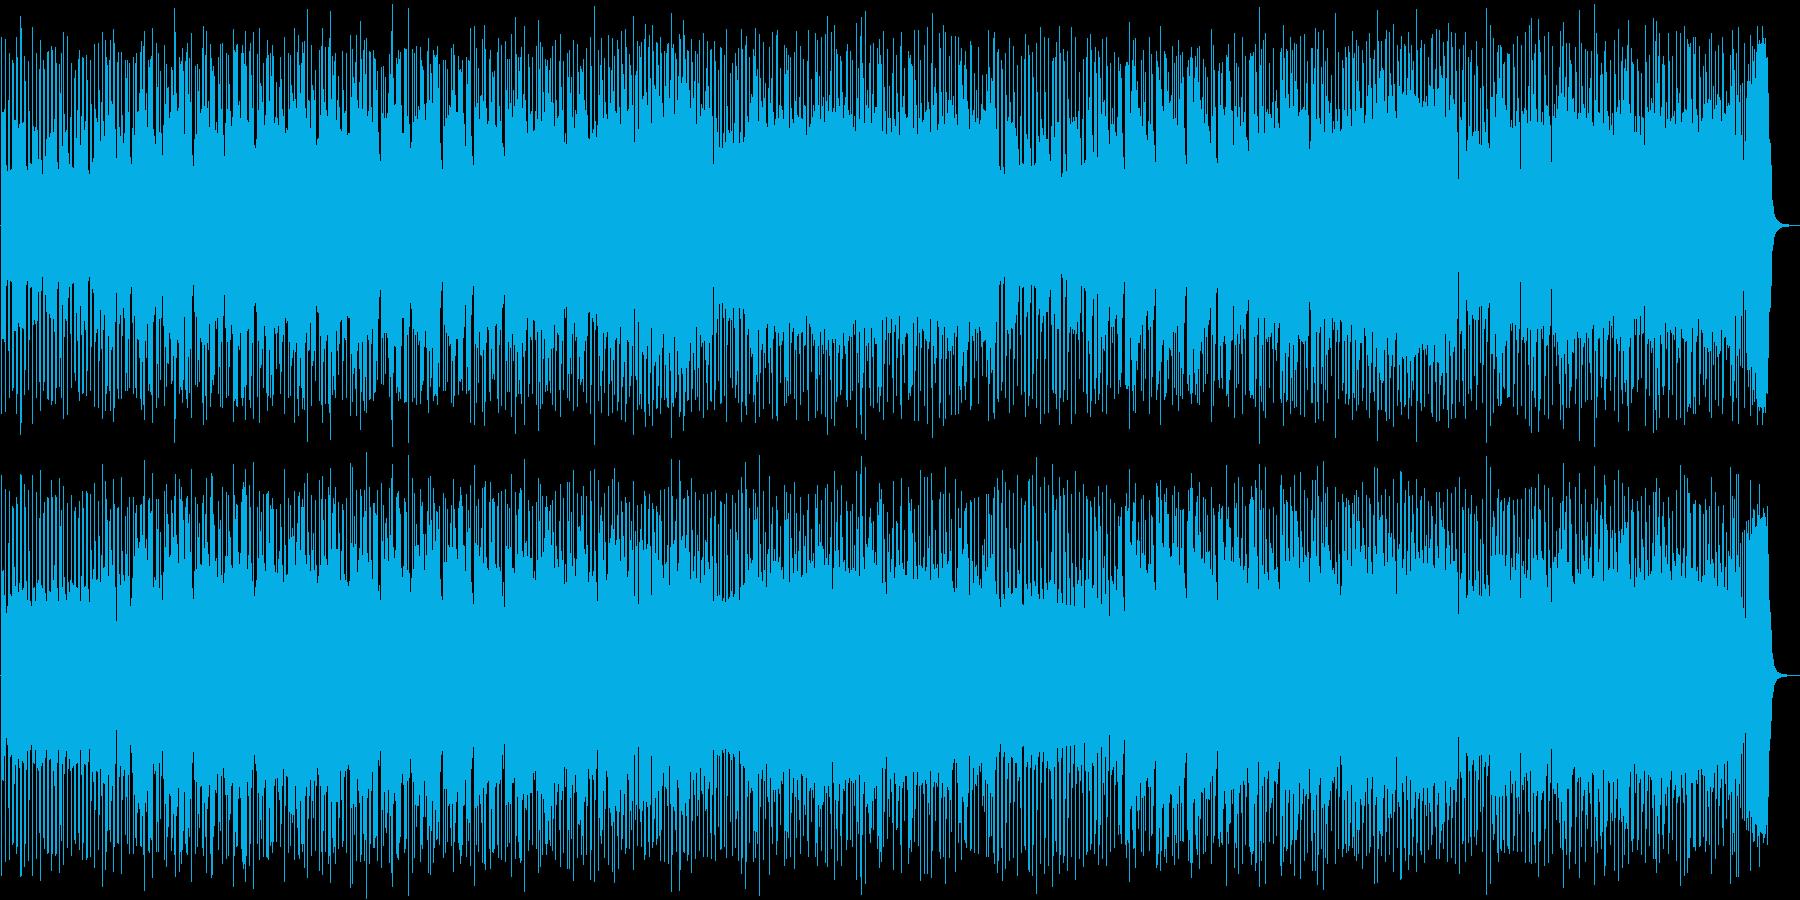 アメリカンロック・ギター・メロディアスの再生済みの波形